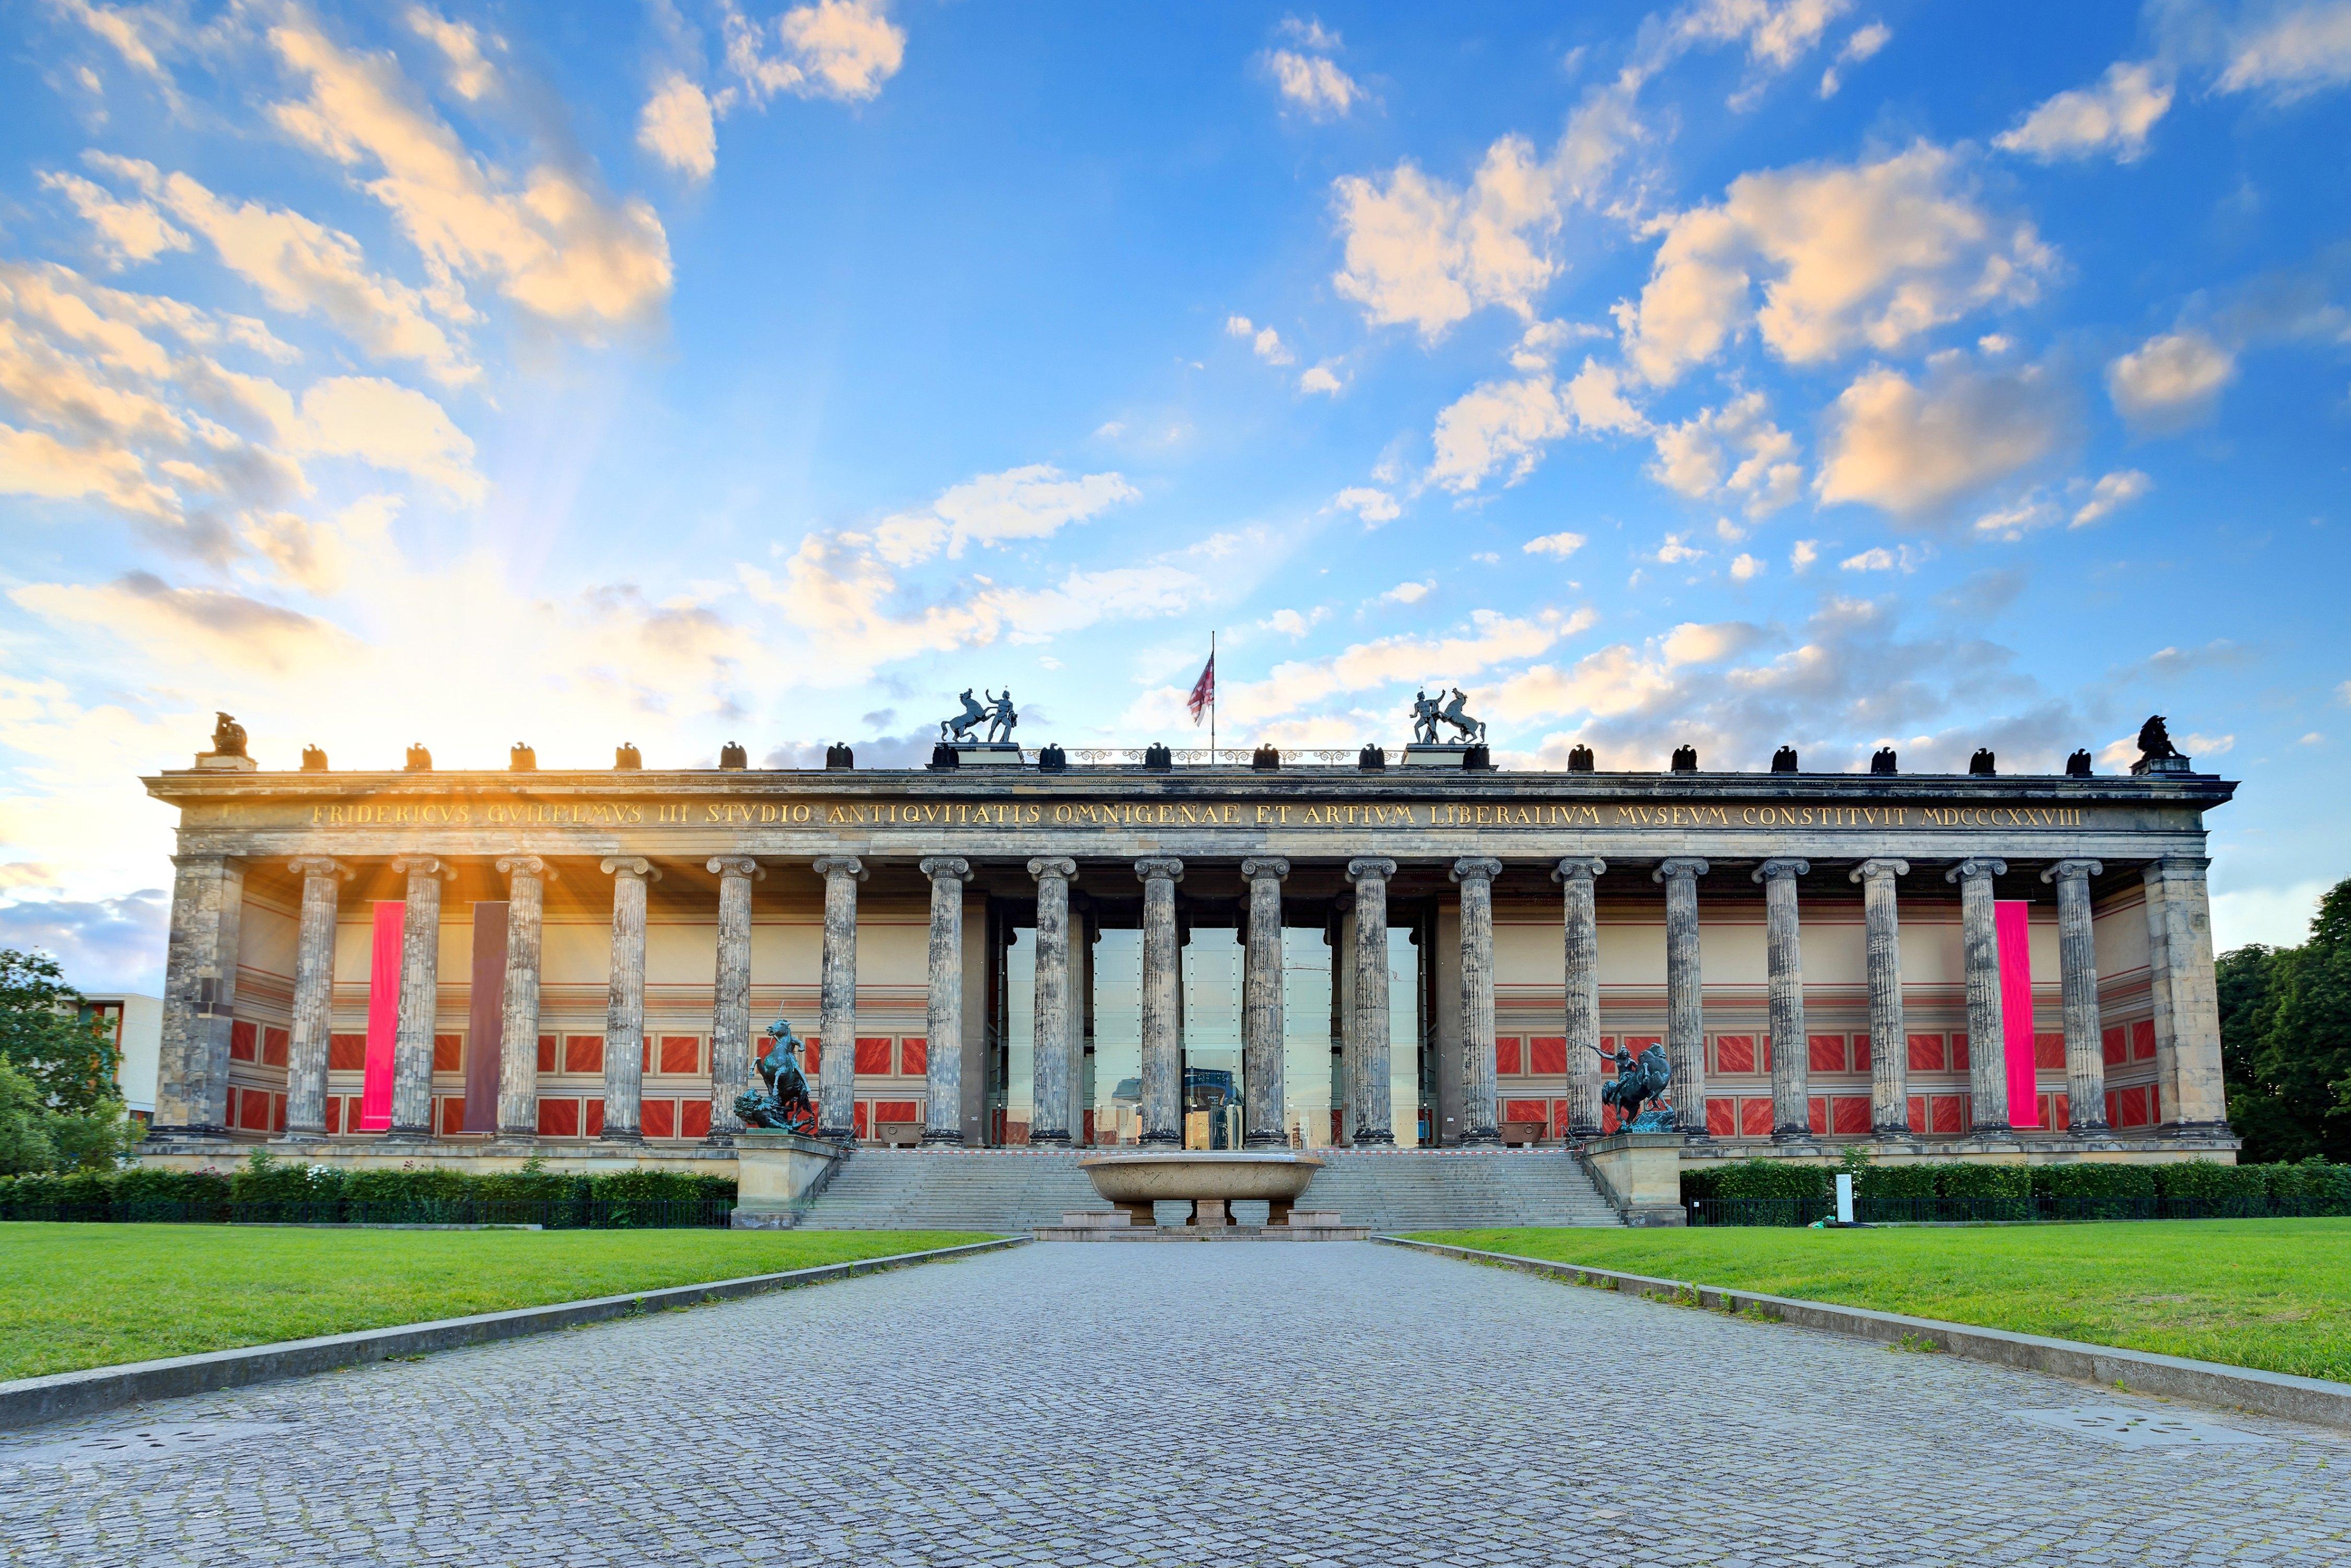 Top Museums to Visit in Berlin German 2020